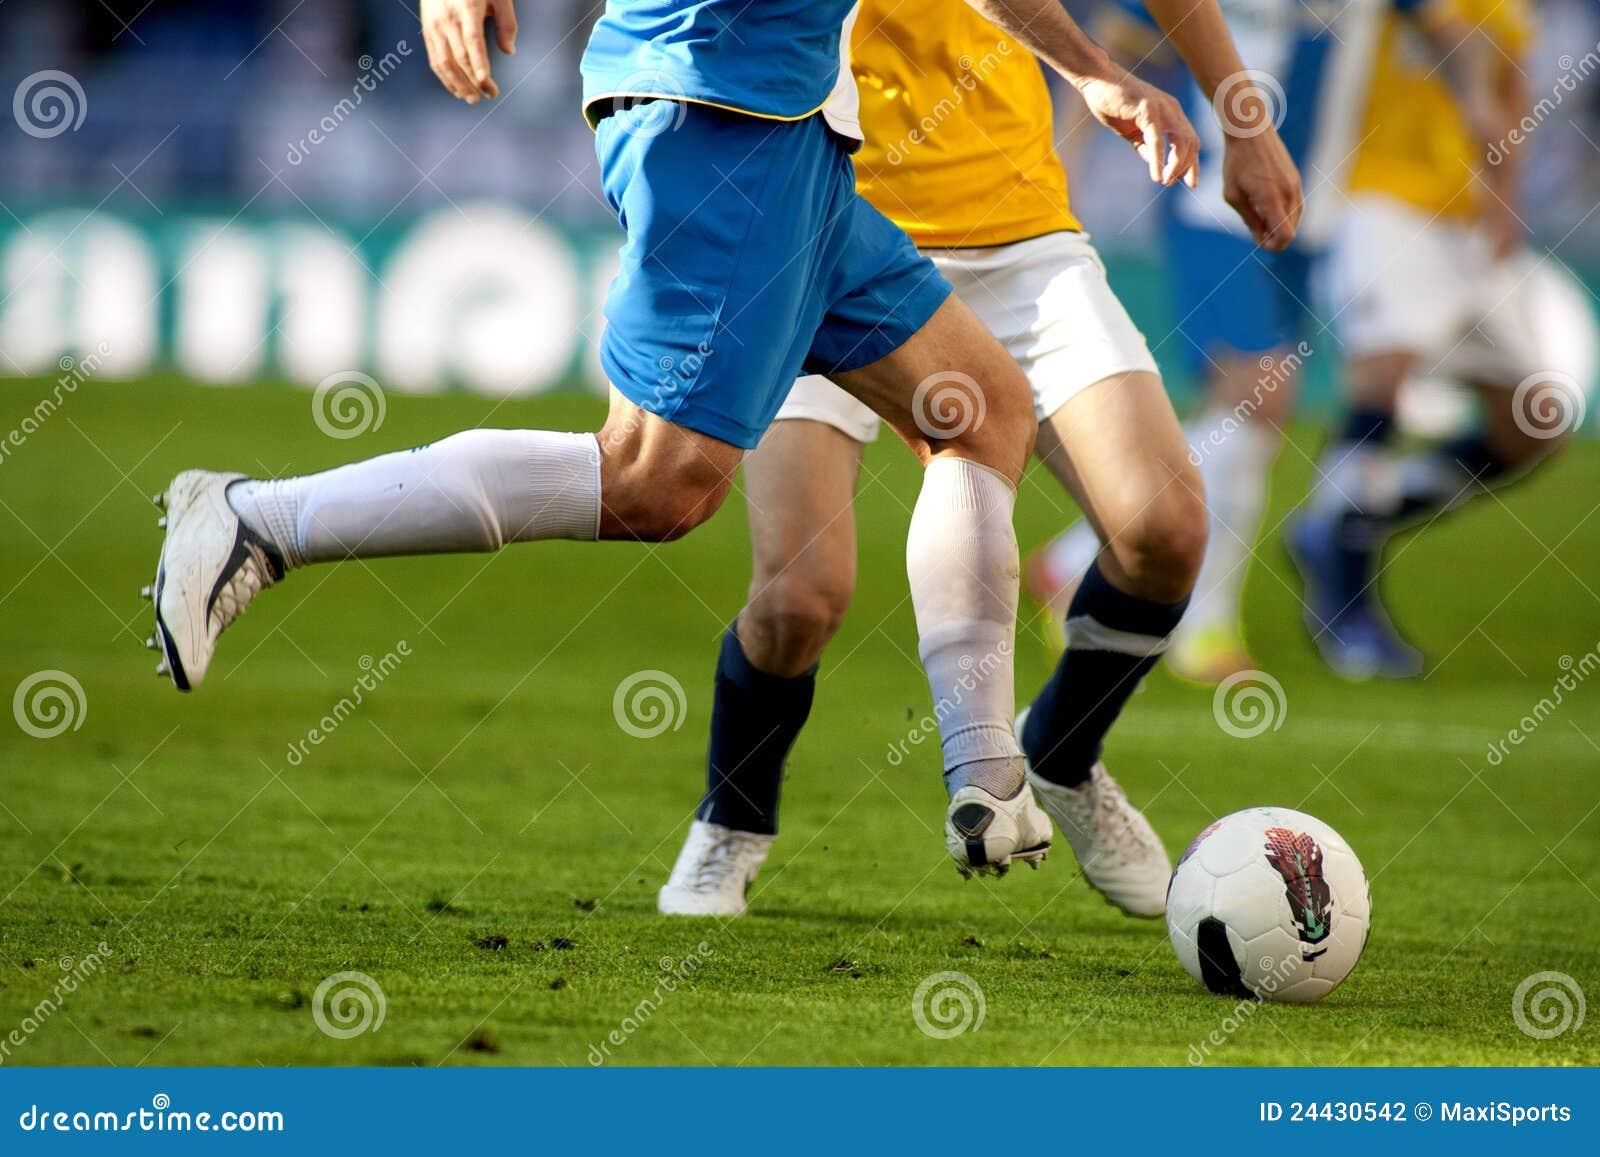 Gracz piłka nożna dwa rywalizuje